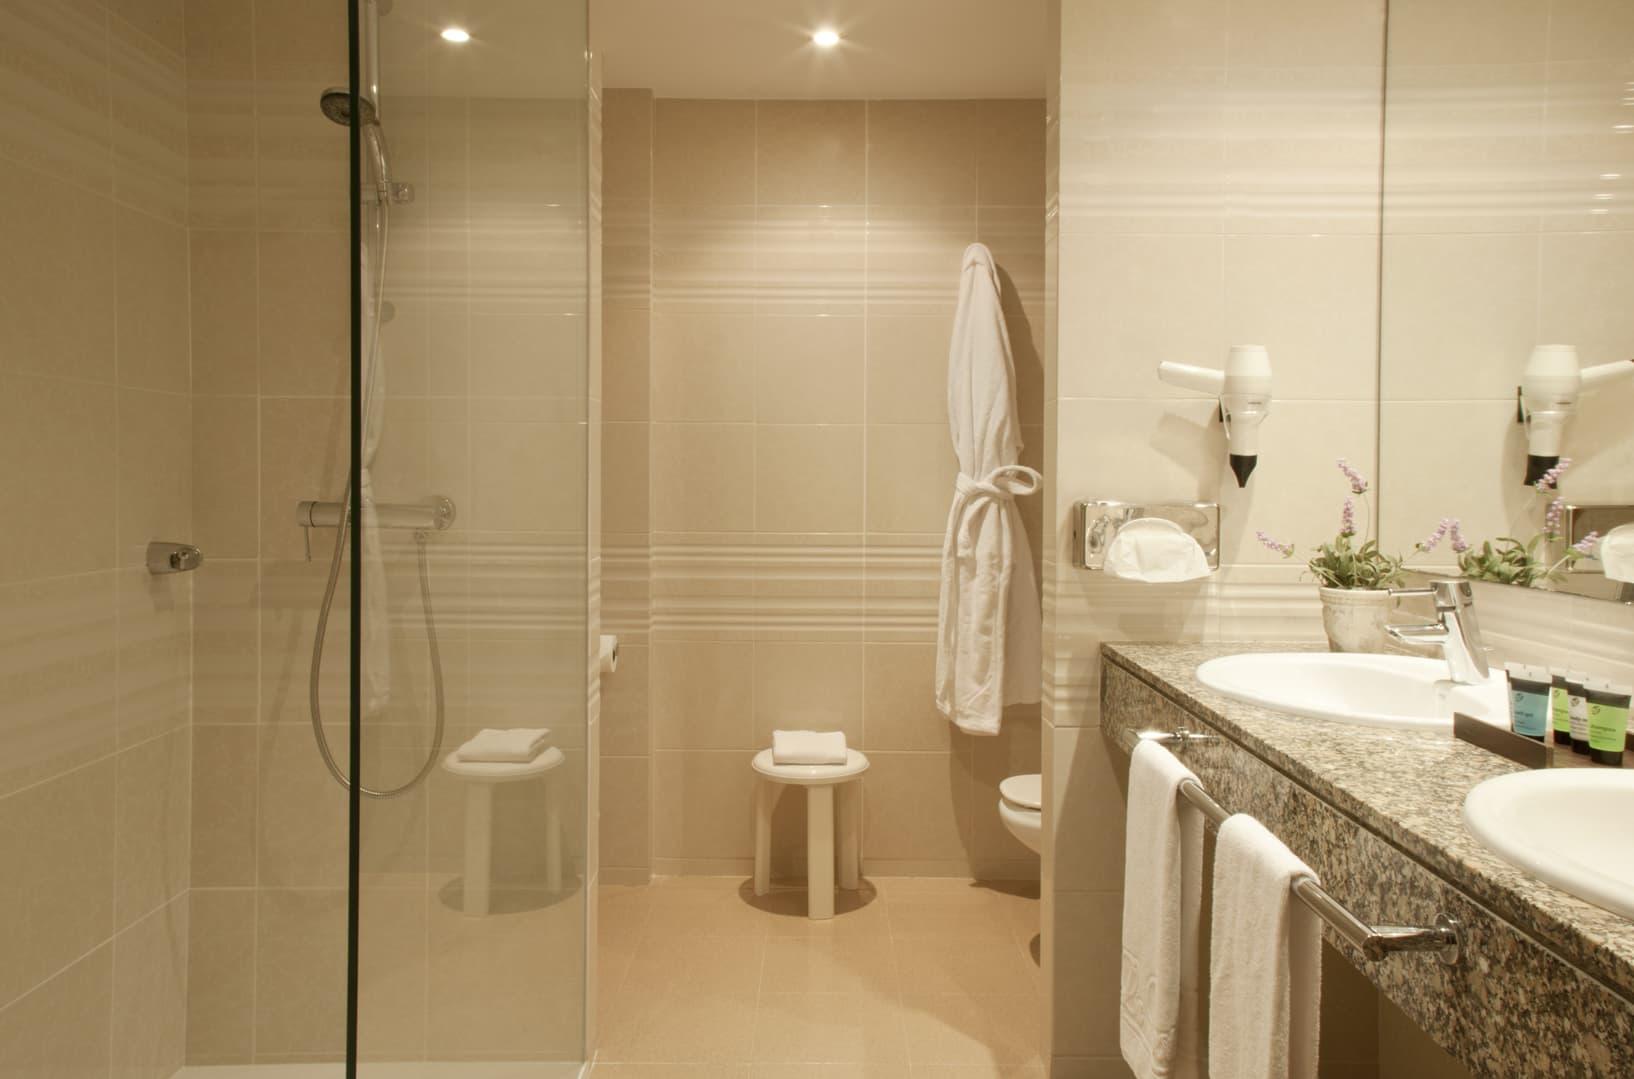 galeria/habitacions/juniorsuite_pbg_bany_dutxa.jpg